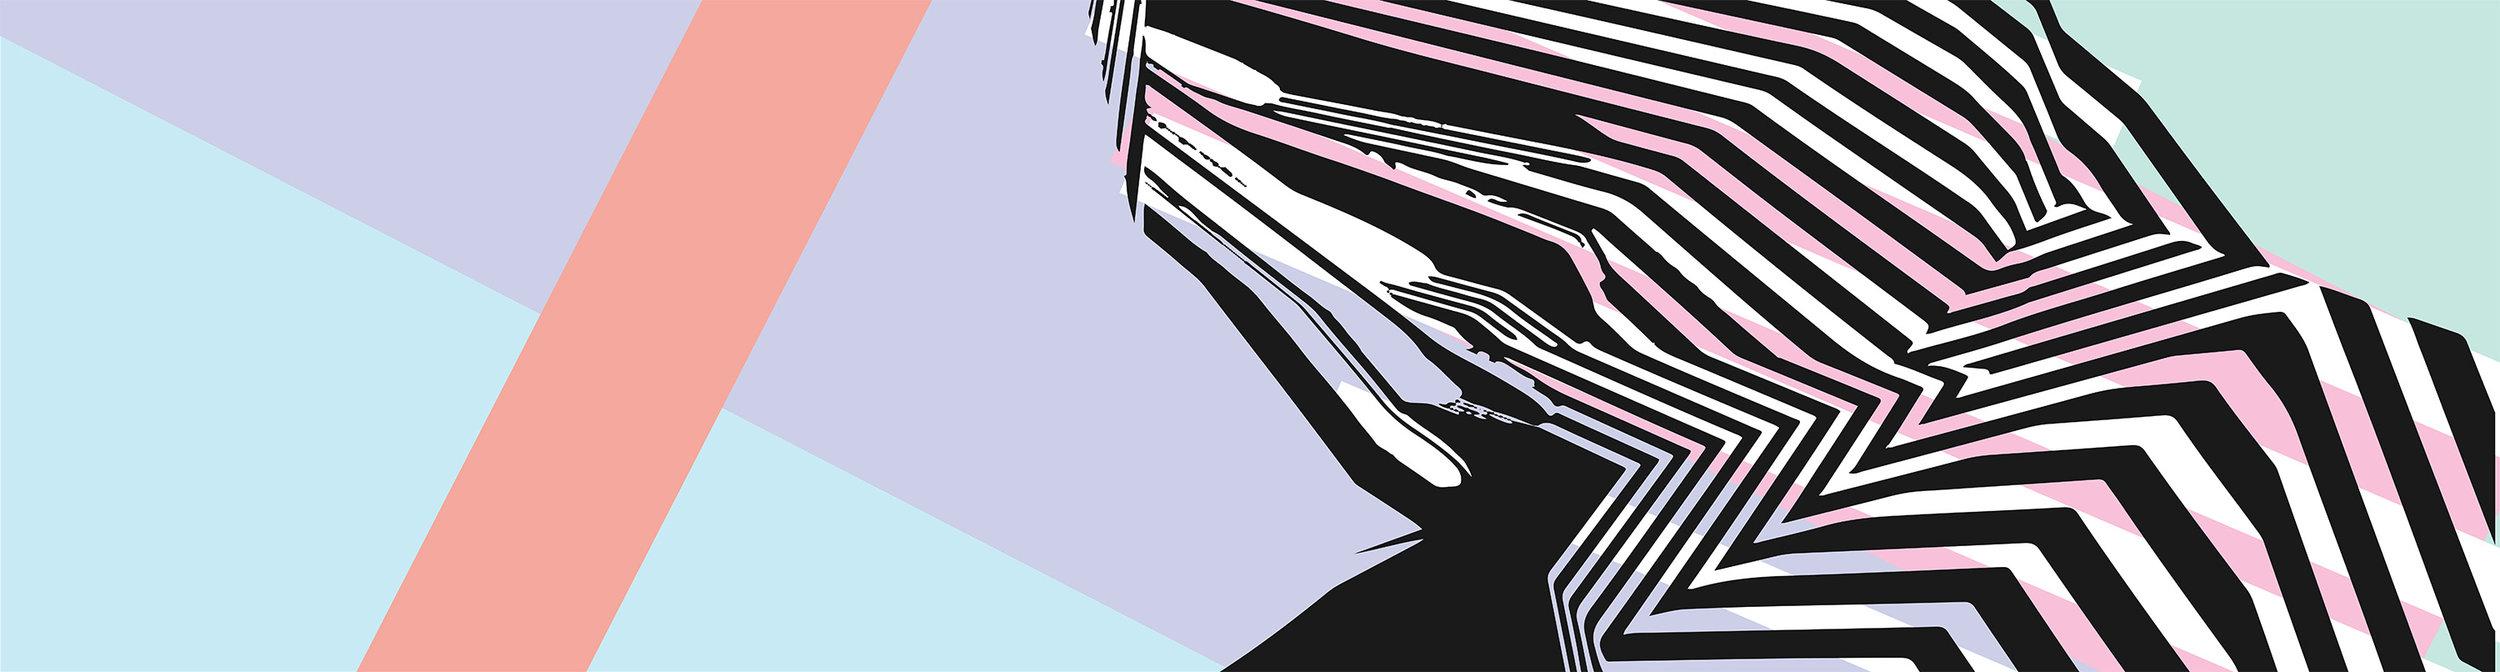 Wallpaper_Option 1_R2.jpg